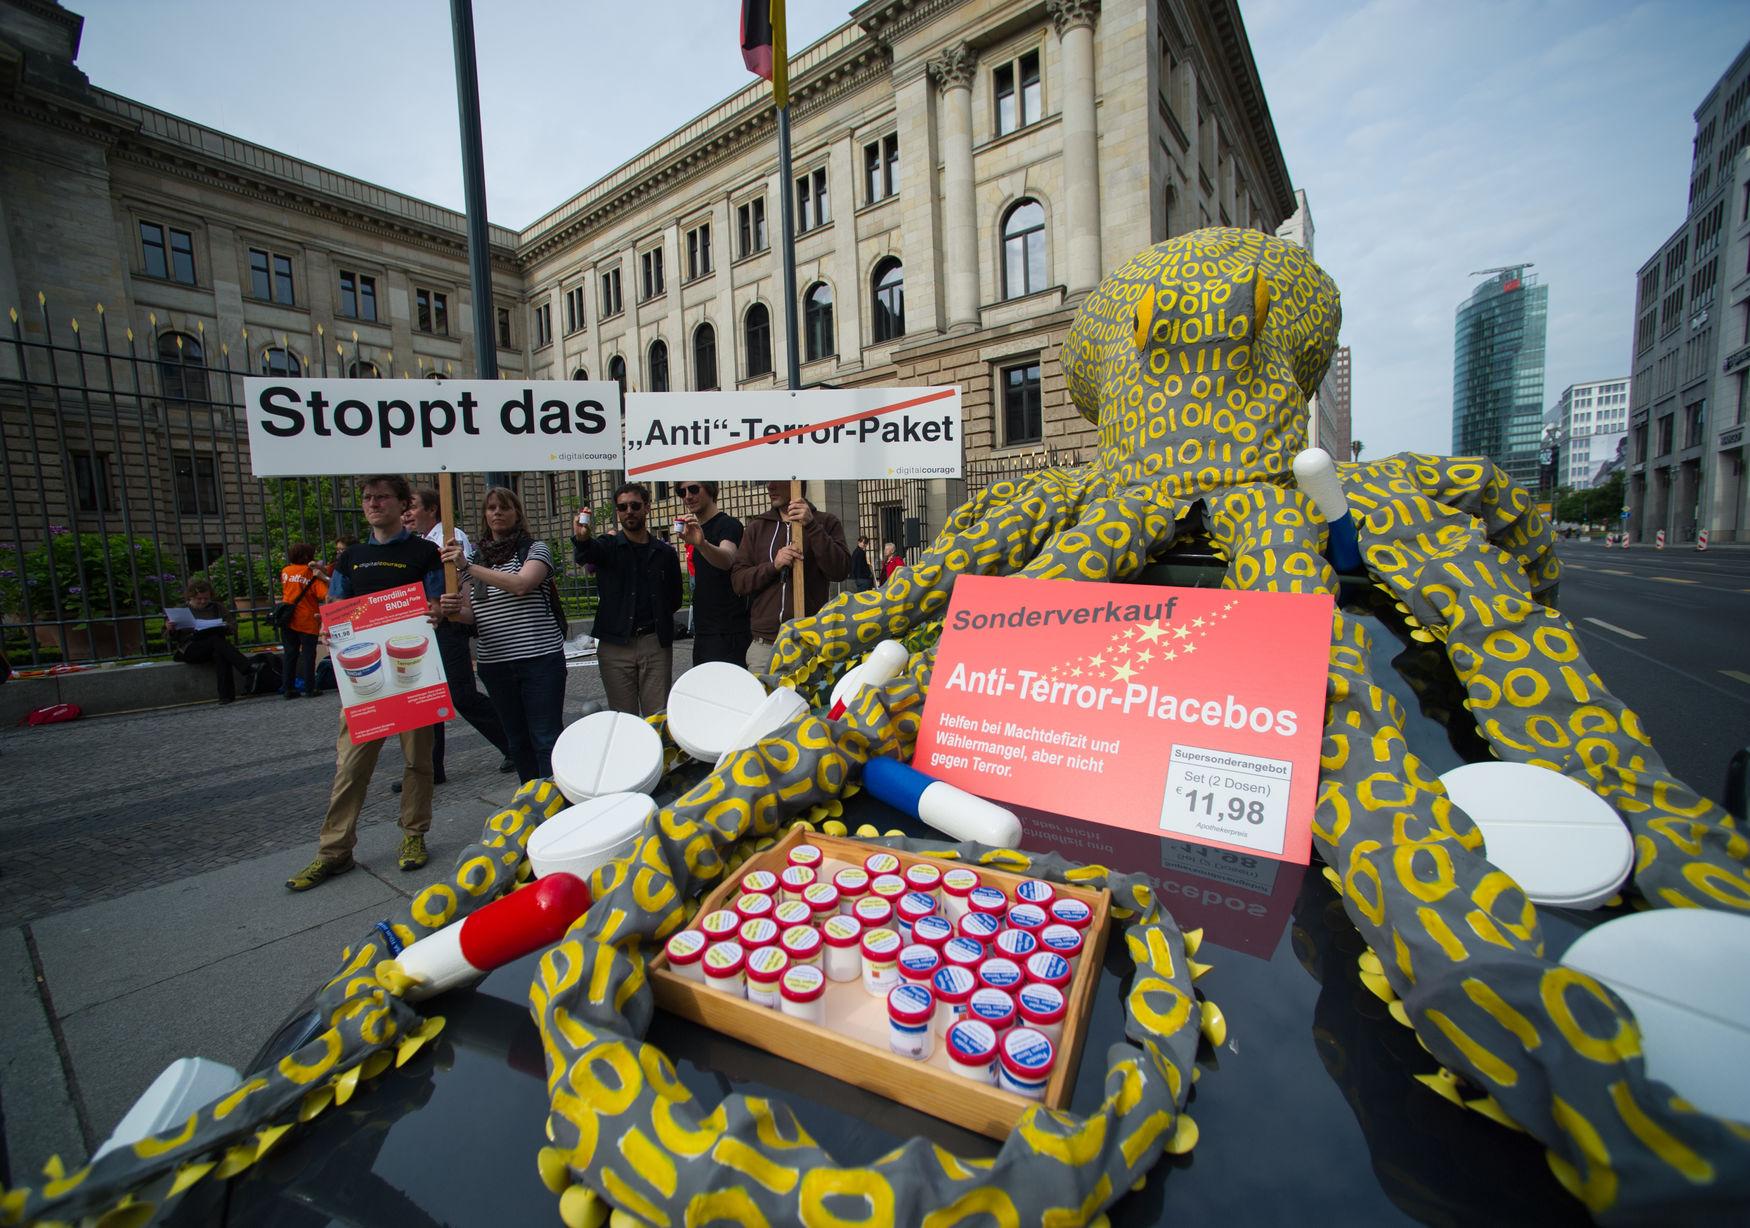 Anti-Terror-Placebos: Helfen bei Machtdefizit und Wählermangel, aber nicht gegen Terror.